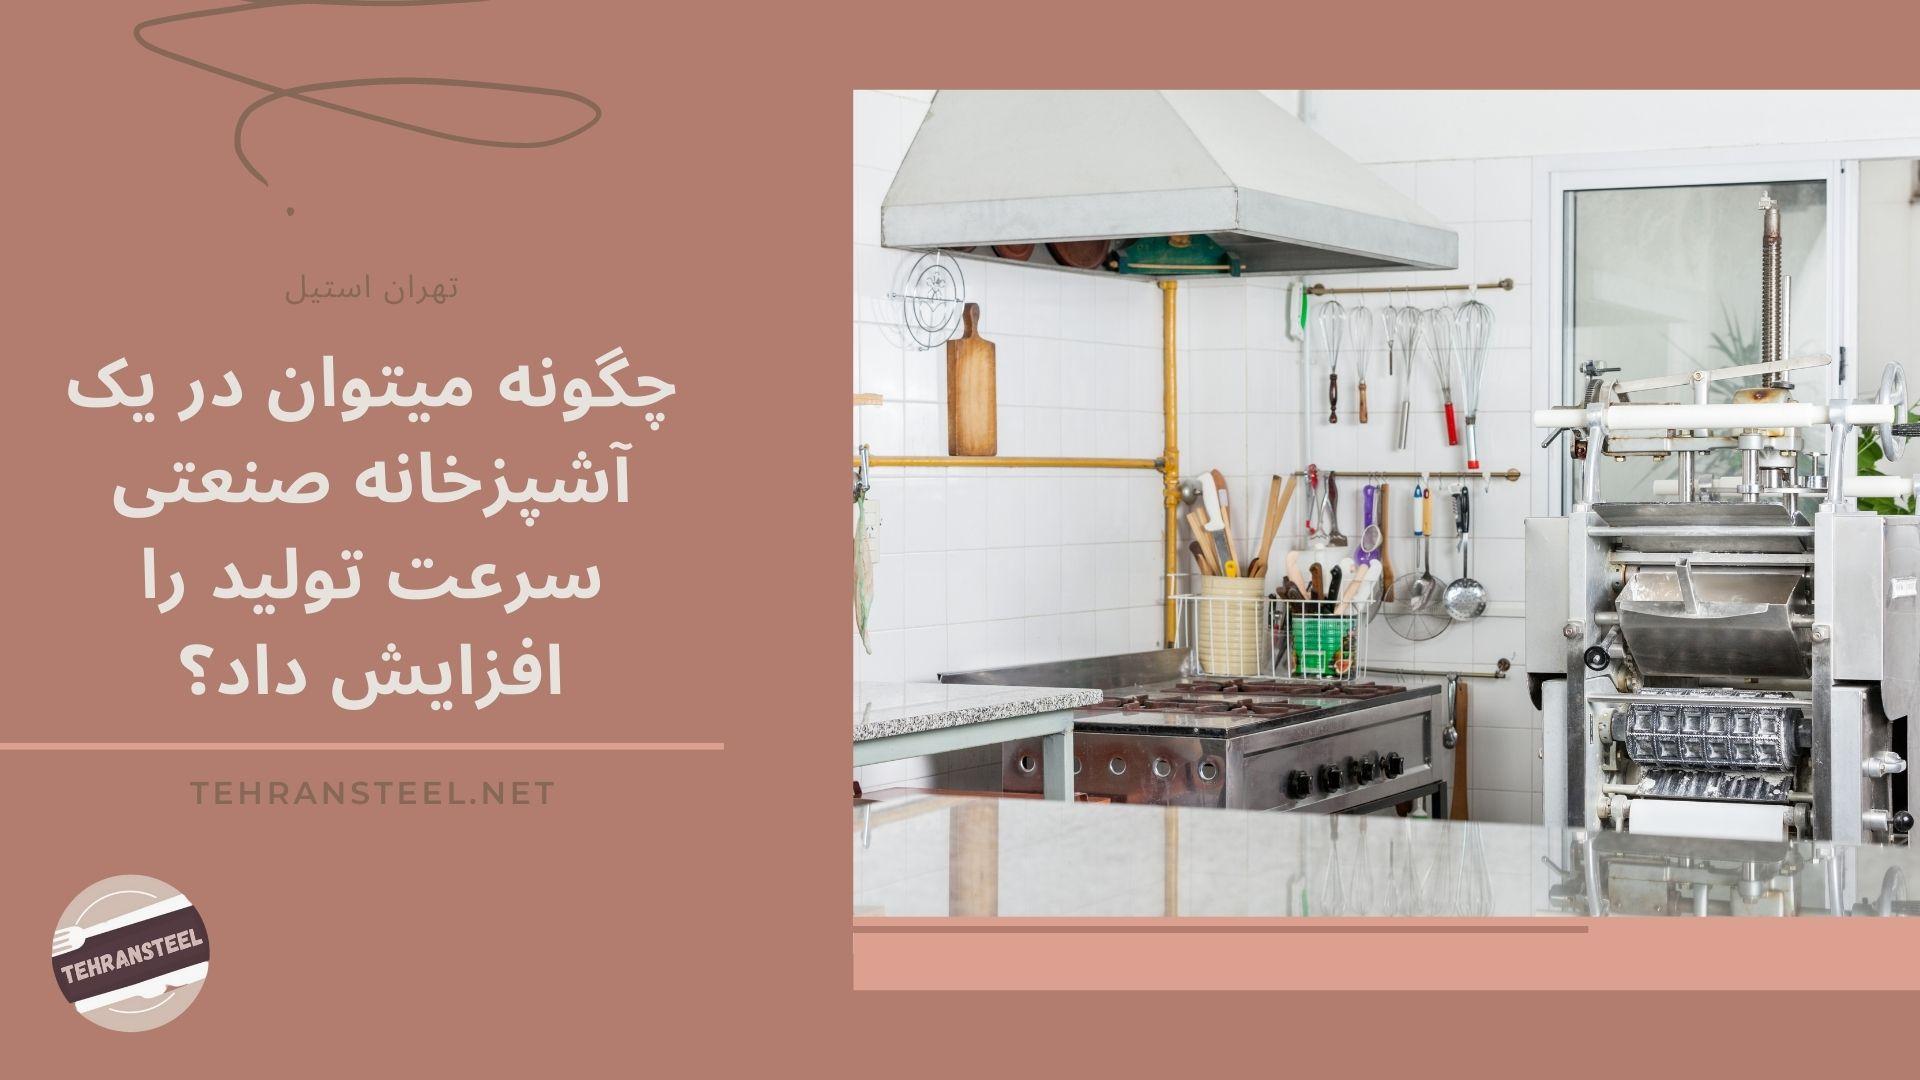 چگونه میتوان در یک آشپزخانه صنعتی سرعت تولید را افزایش داد